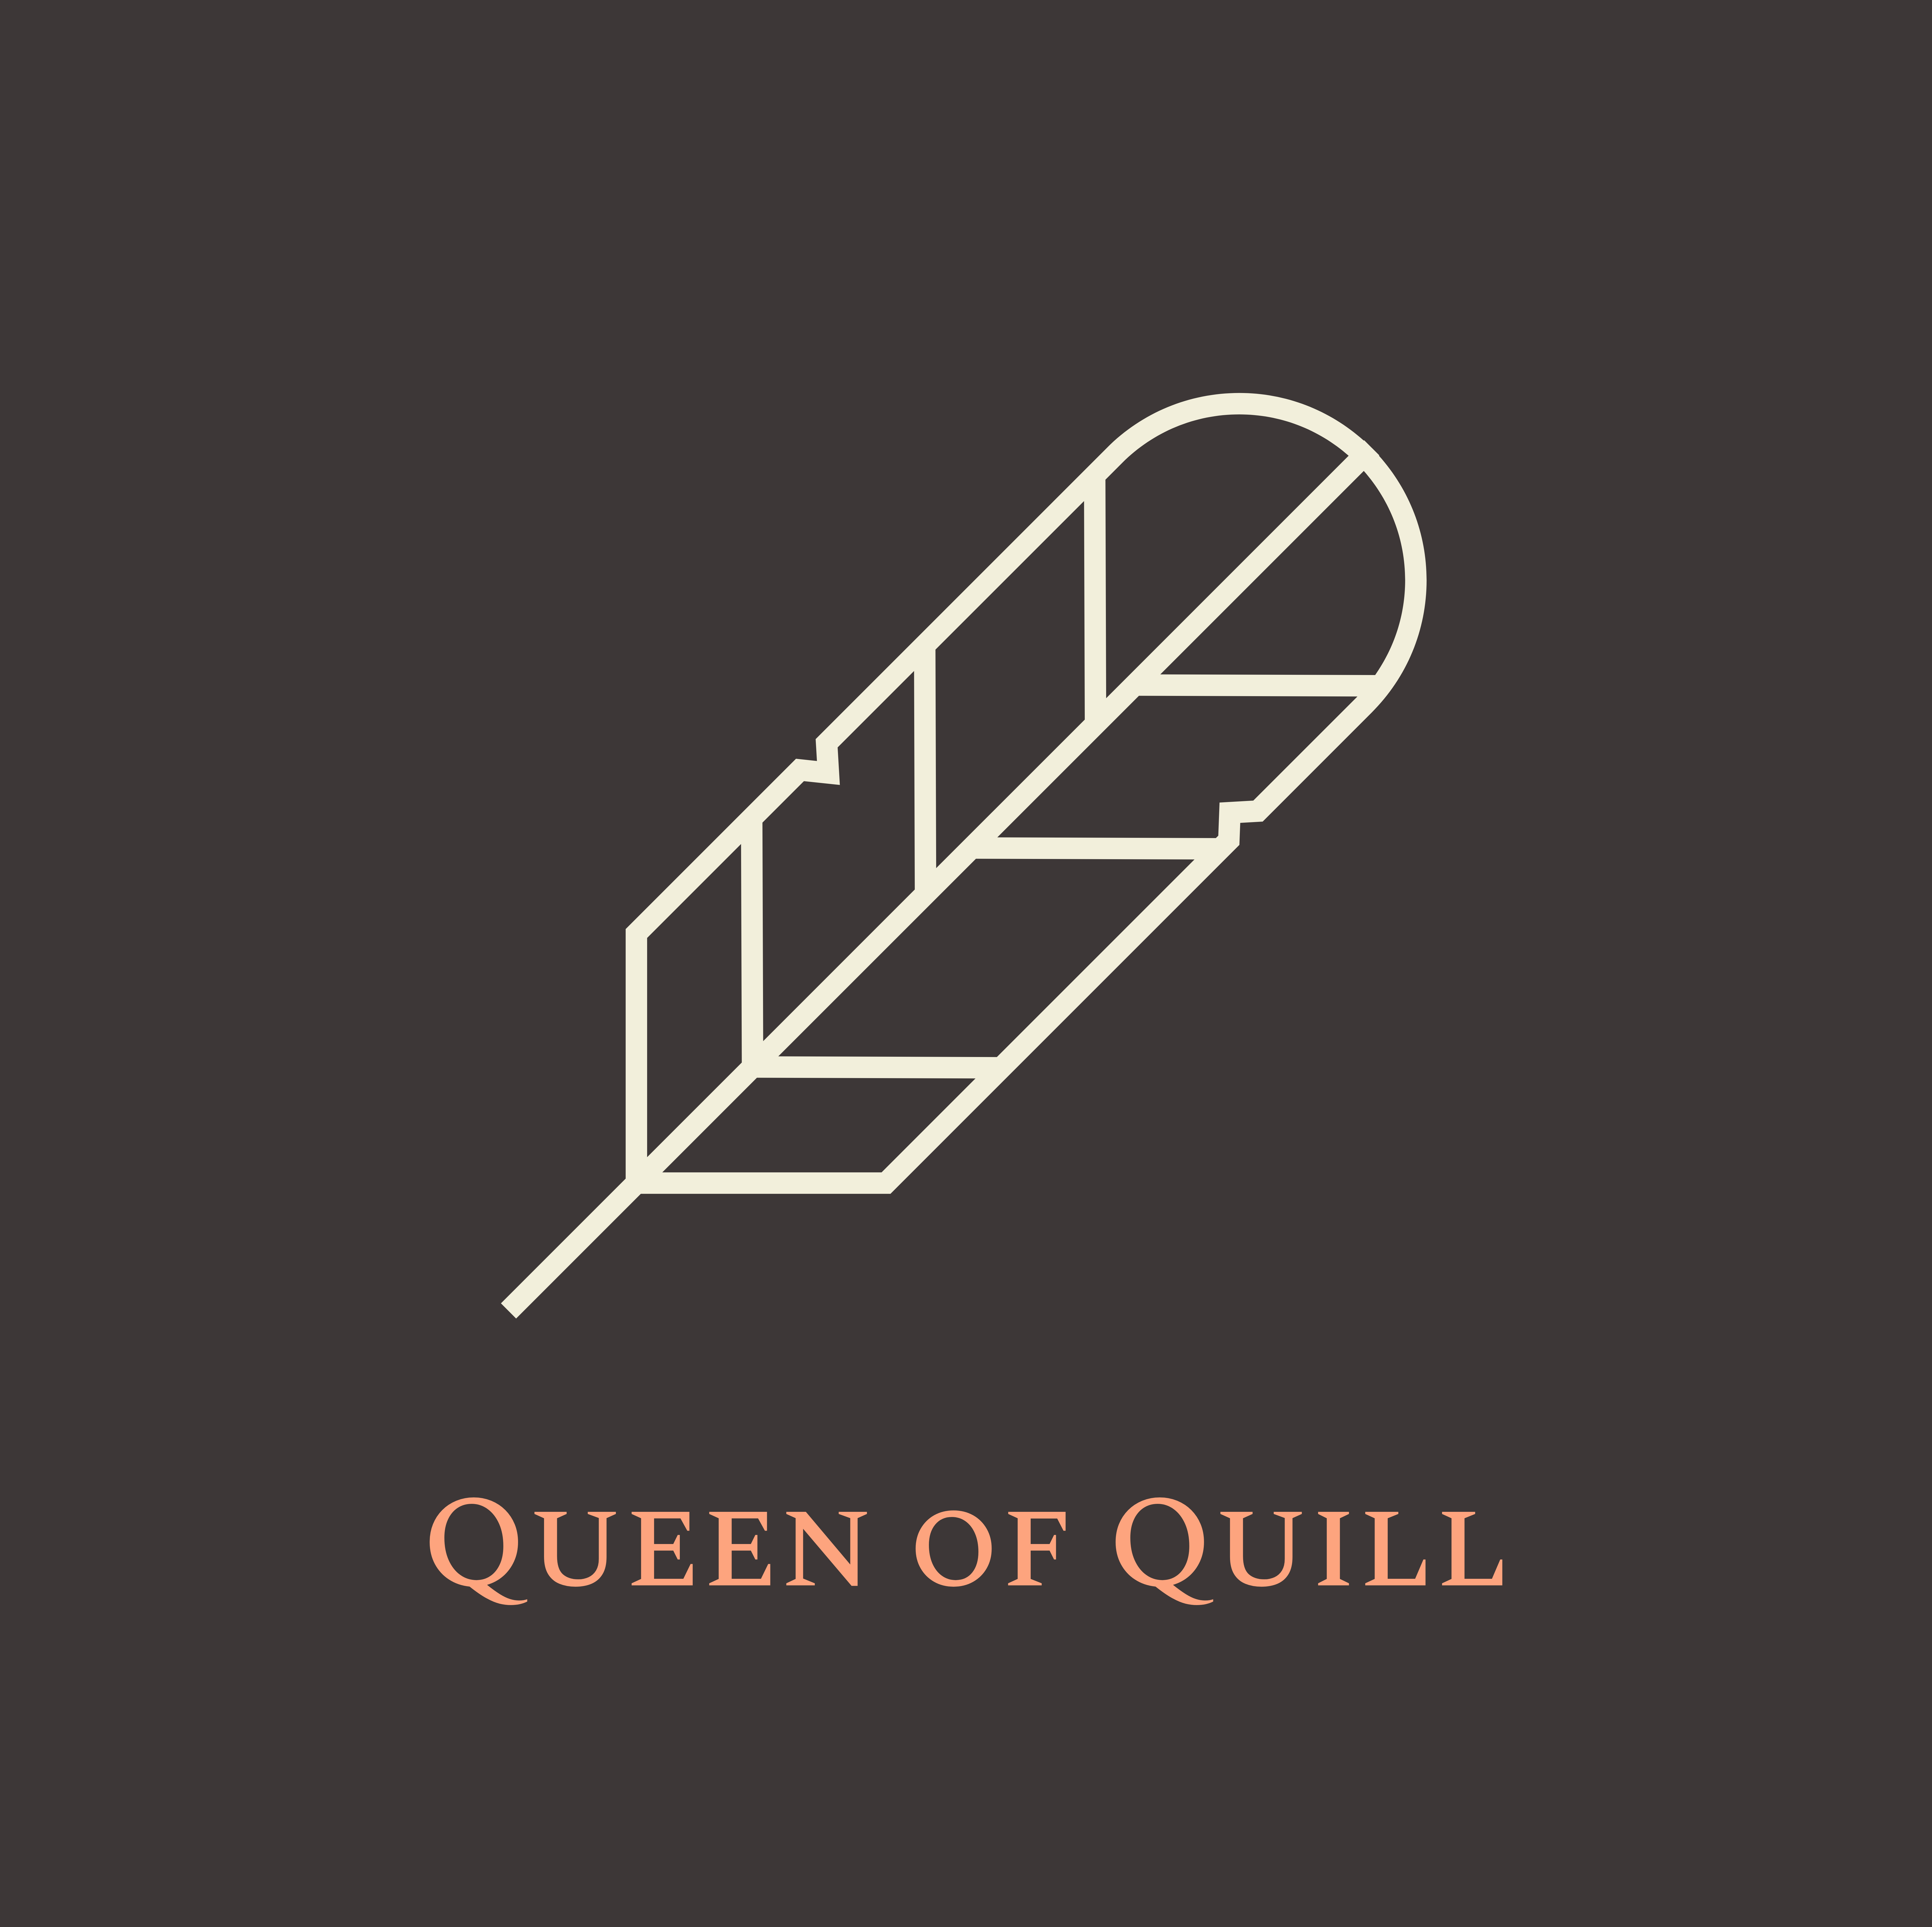 queenofquill